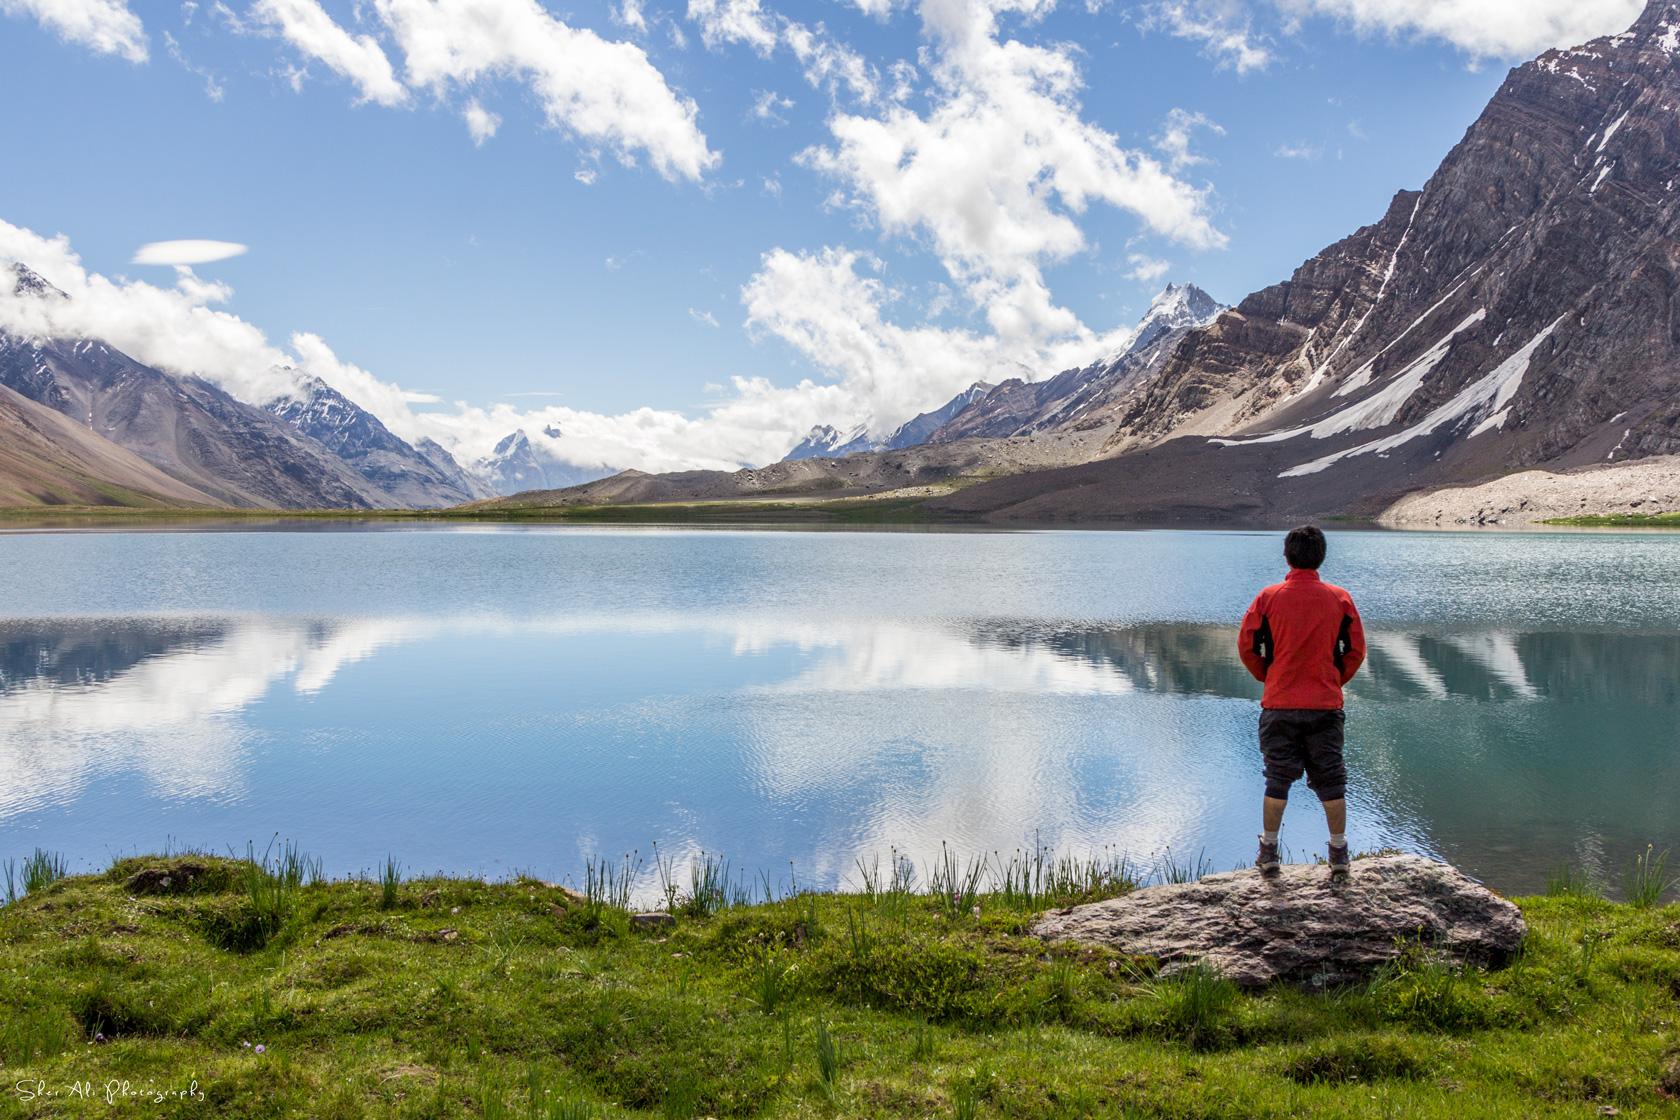 Karomber lake, Ishkoman, Gilgit Baltistan